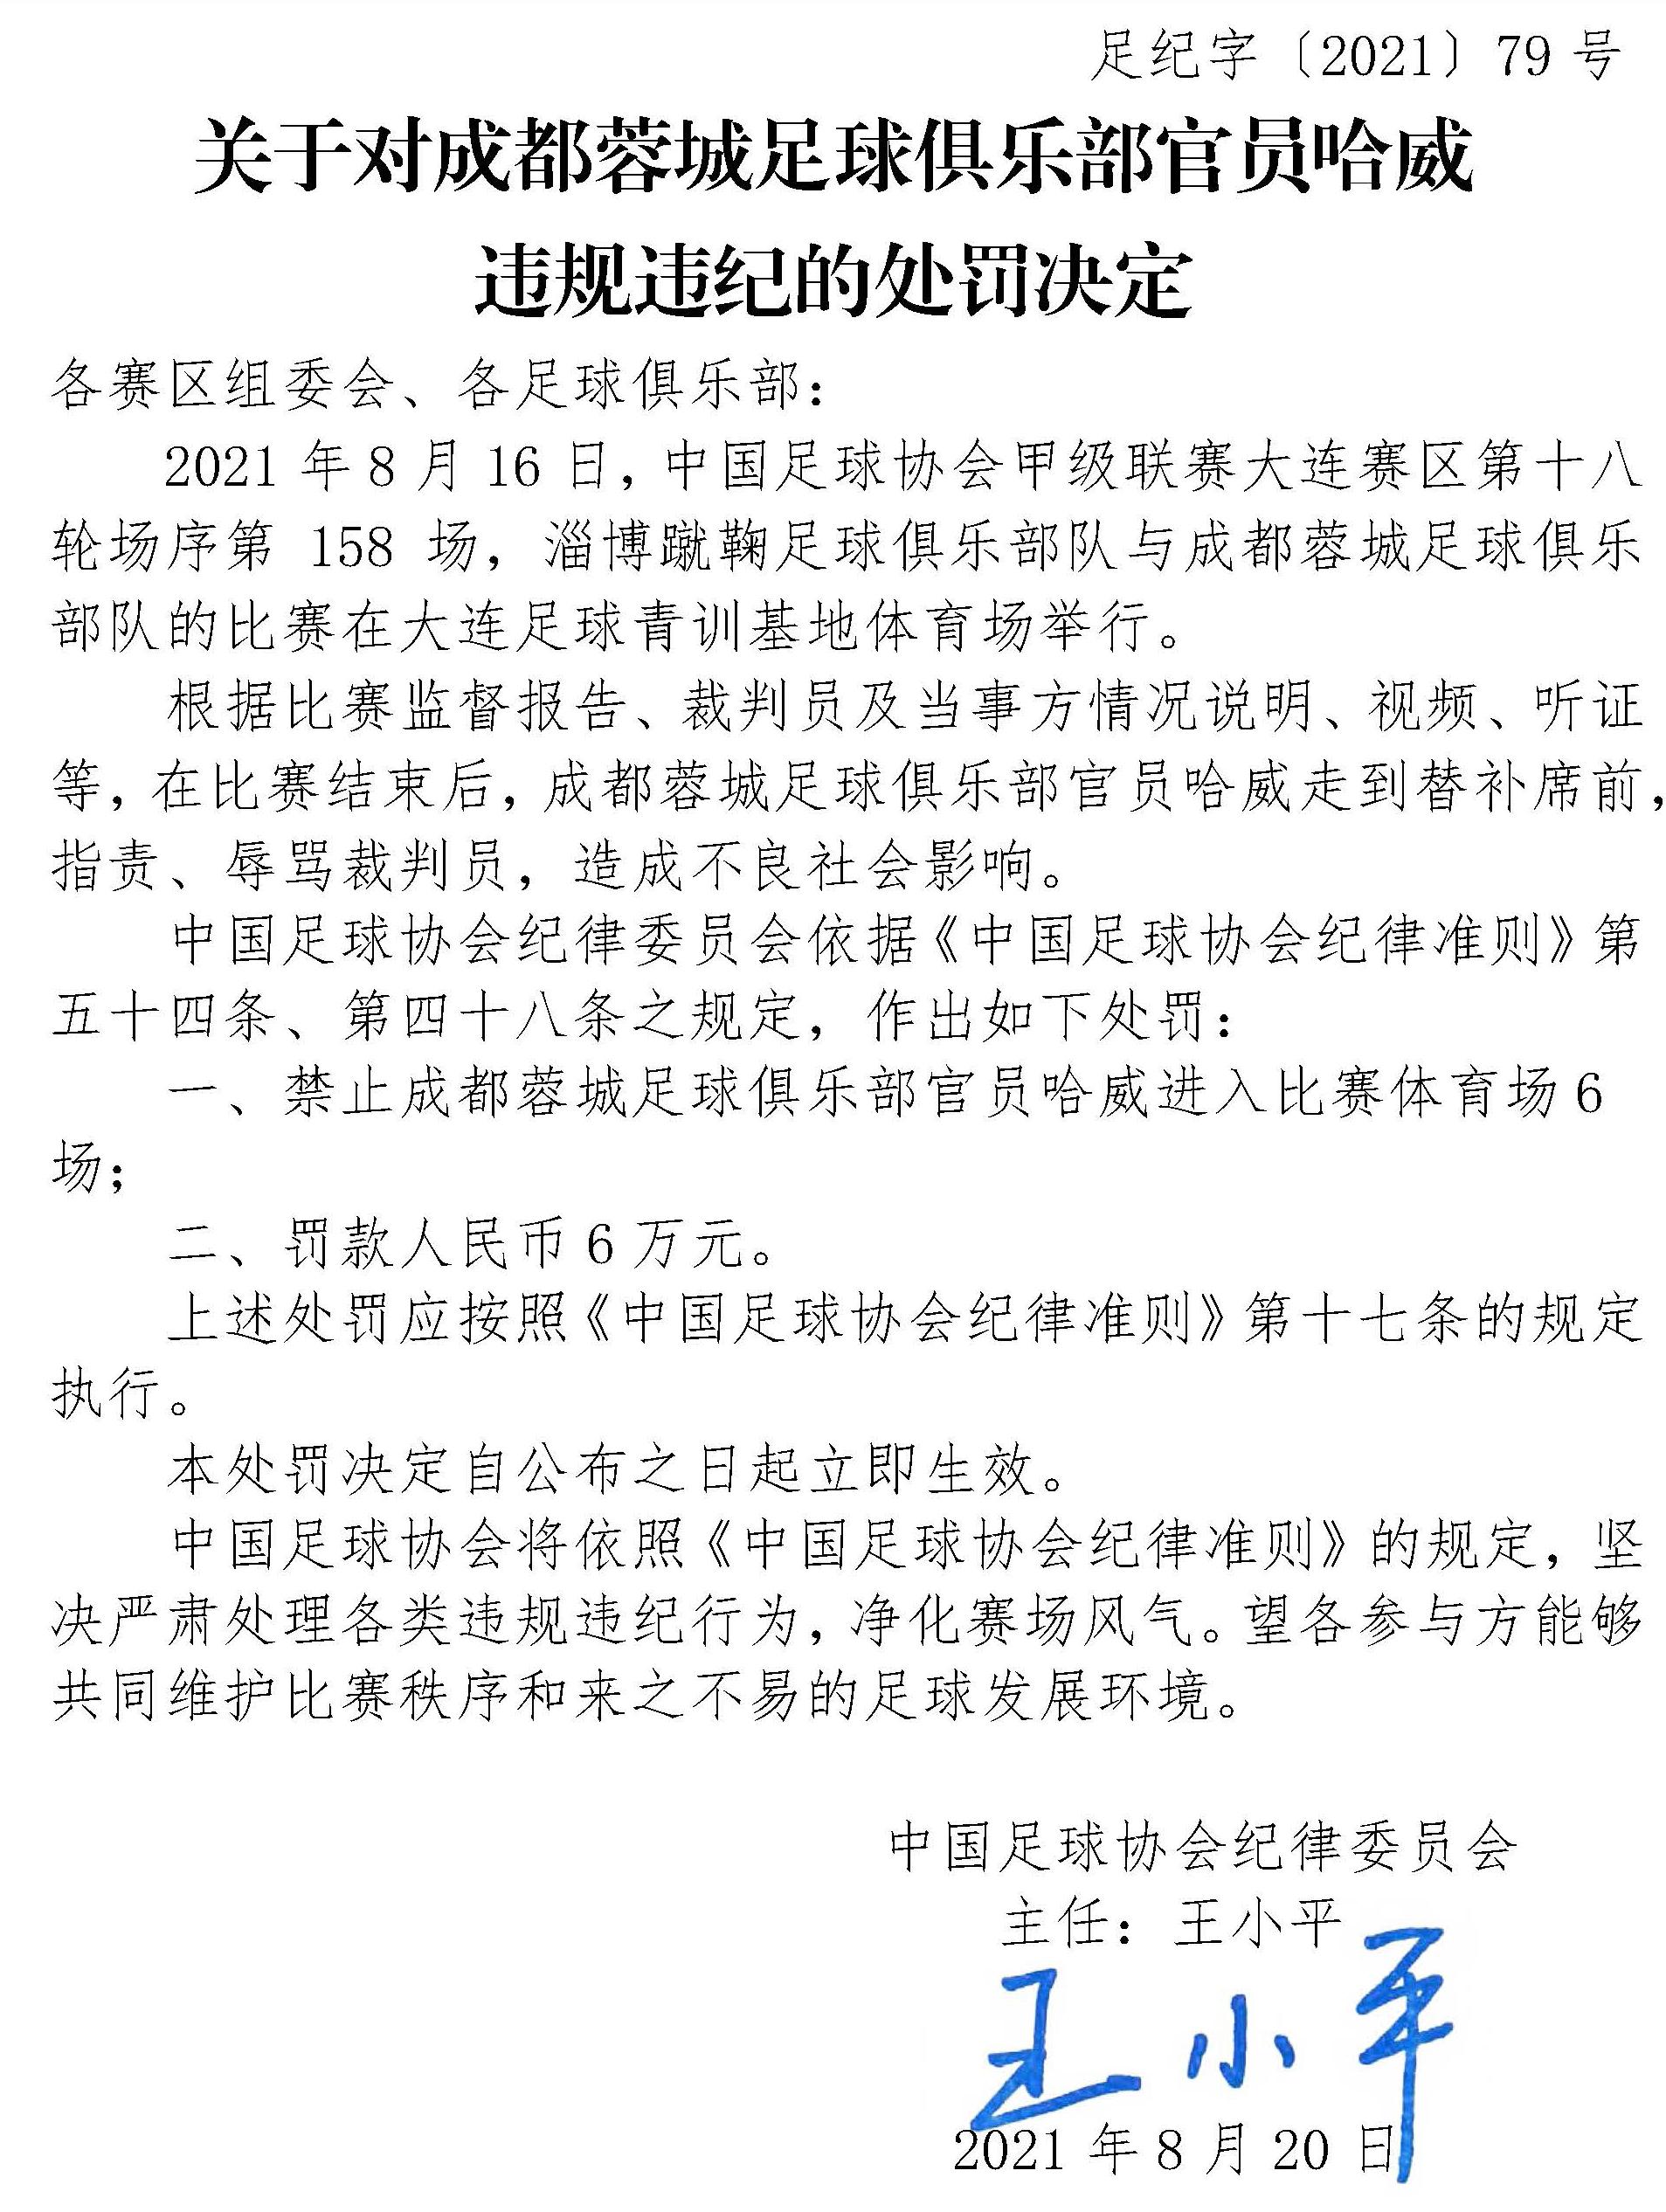 足纪字〔2021〕79号-关于对成都蓉城足球俱乐部官员哈威违规违纪的处罚决定.jpg